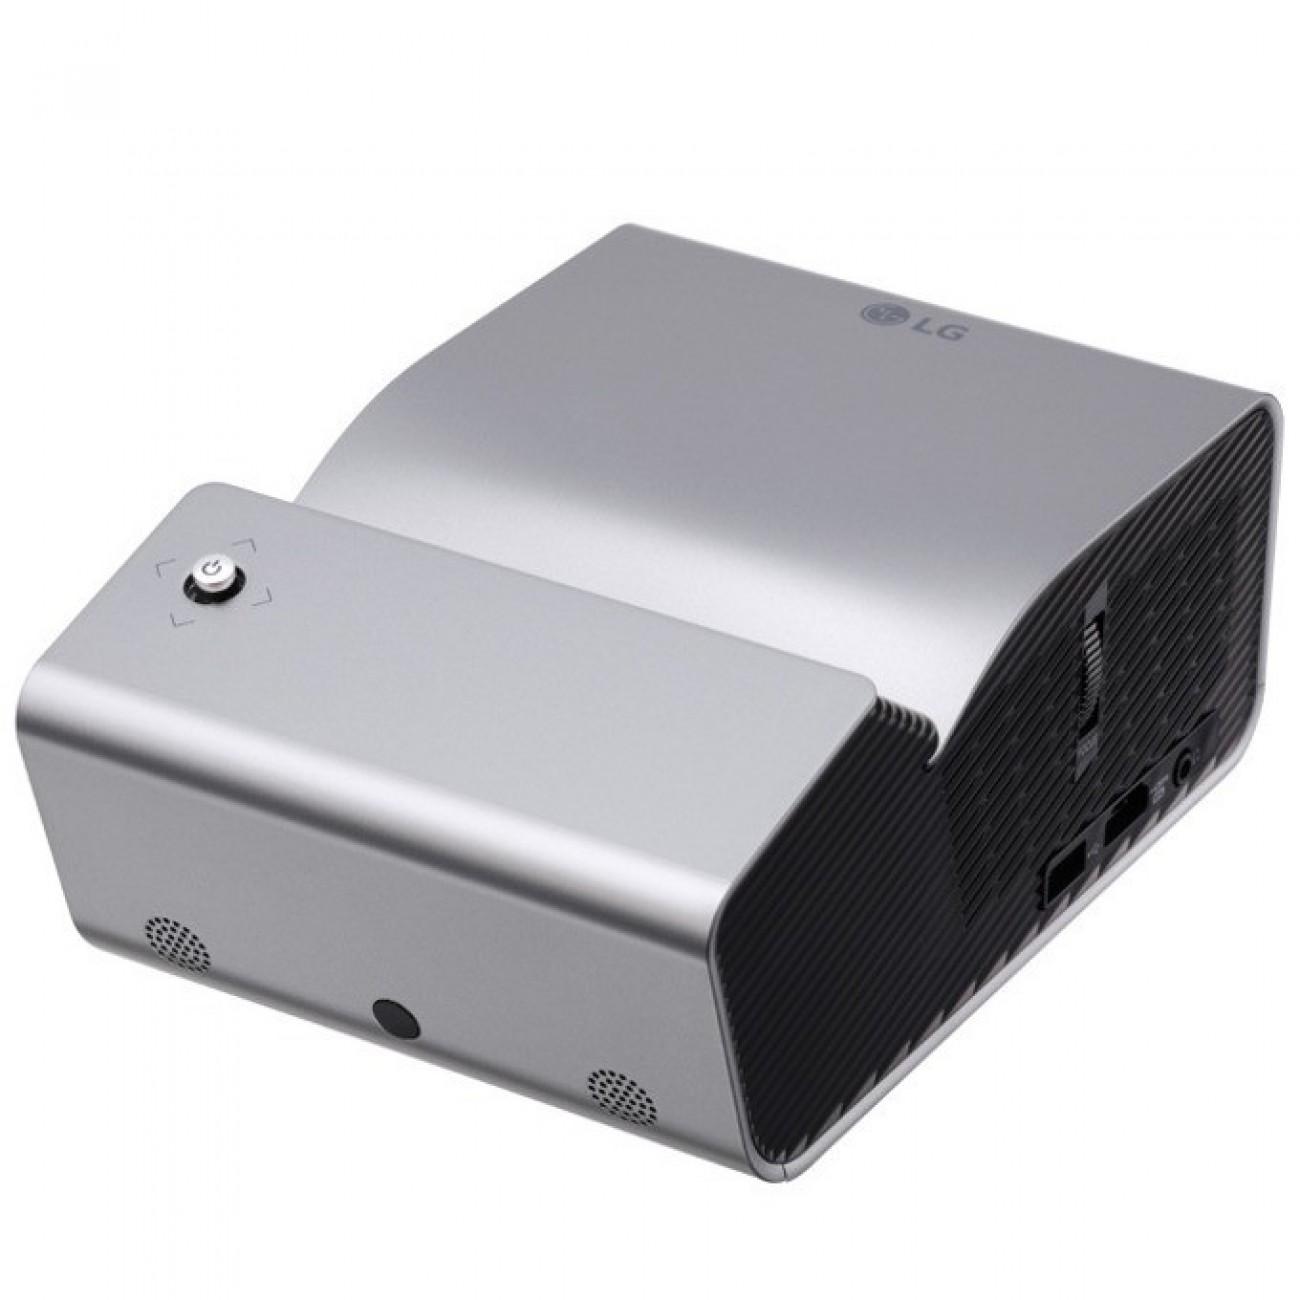 Проектор LG PH450UG, DLP, HD (1280 x 720), 100,000:1, 450lm, 1x HDMI, 1x USB (Type A) в Проектори -  | Alleop